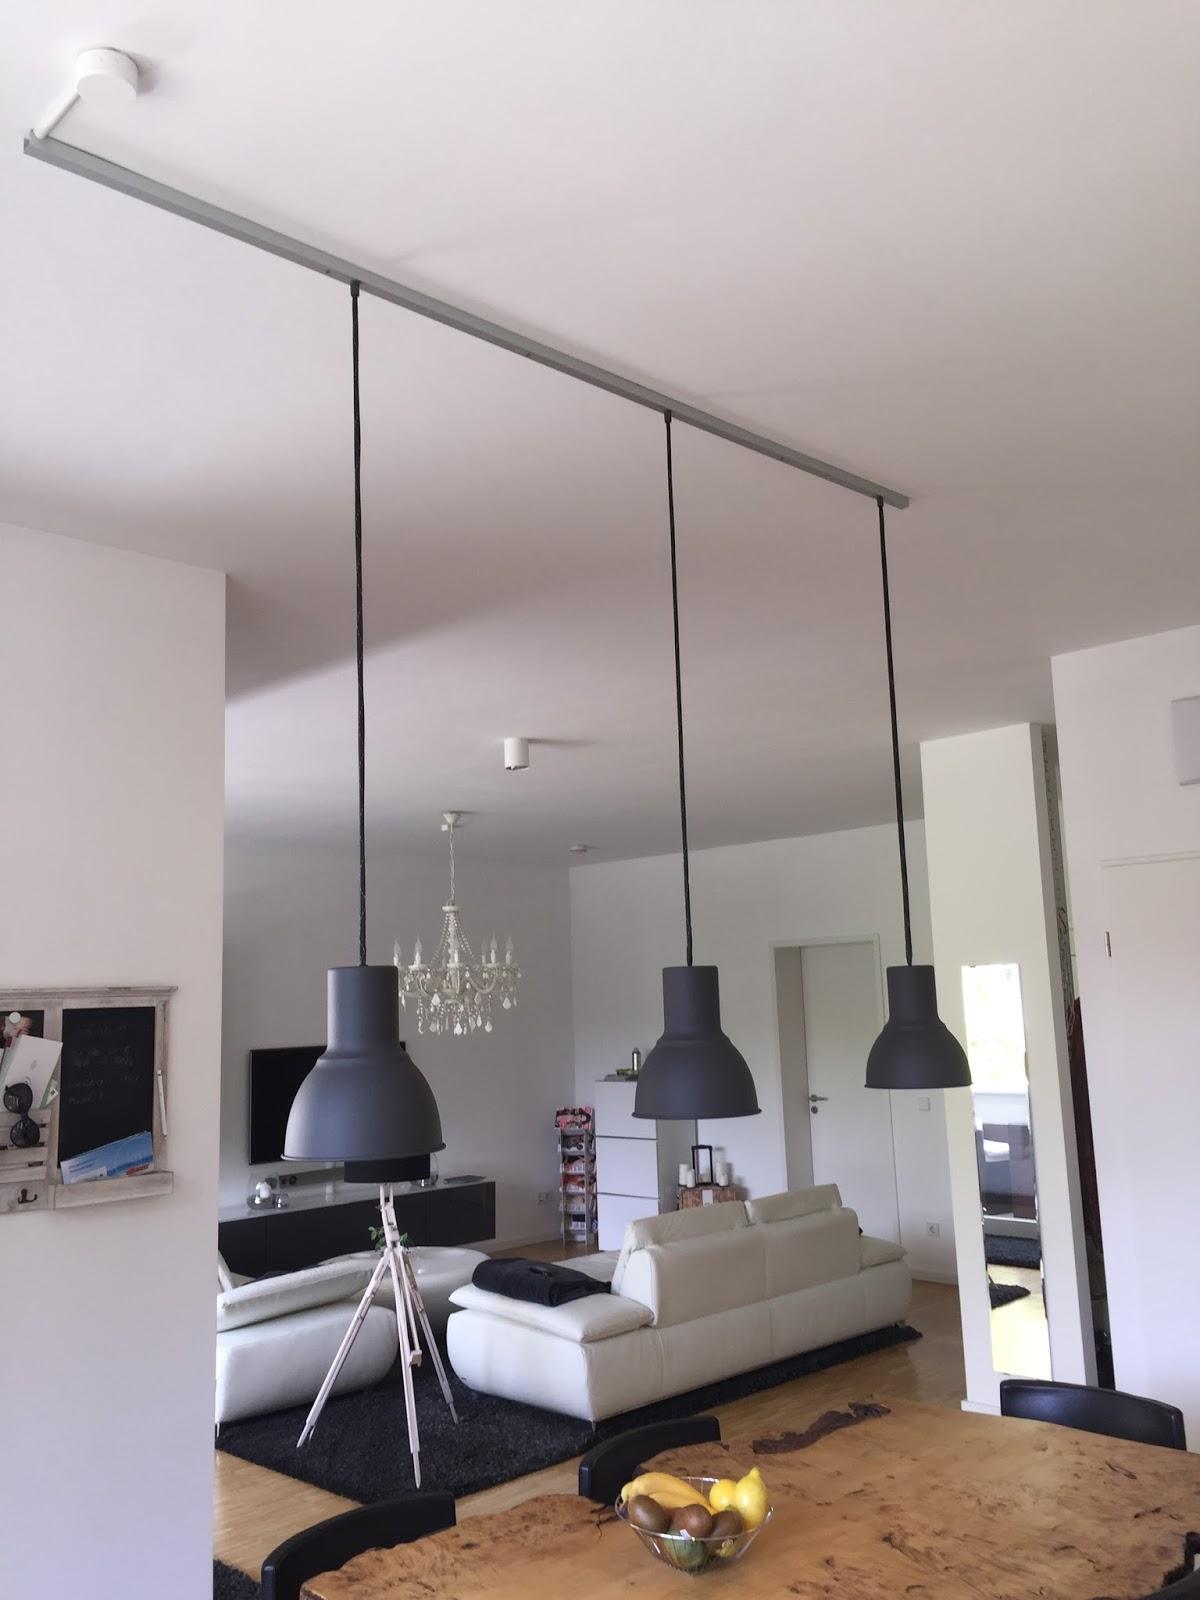 Full Size of Stehlampe Ikea Hektar Lampen Leuchten Gnstig Online Küche Kosten Sofa Mit Schlaffunktion Kaufen Modulküche Wohnzimmer Betten 160x200 Bei Stehlampen Wohnzimmer Stehlampe Ikea